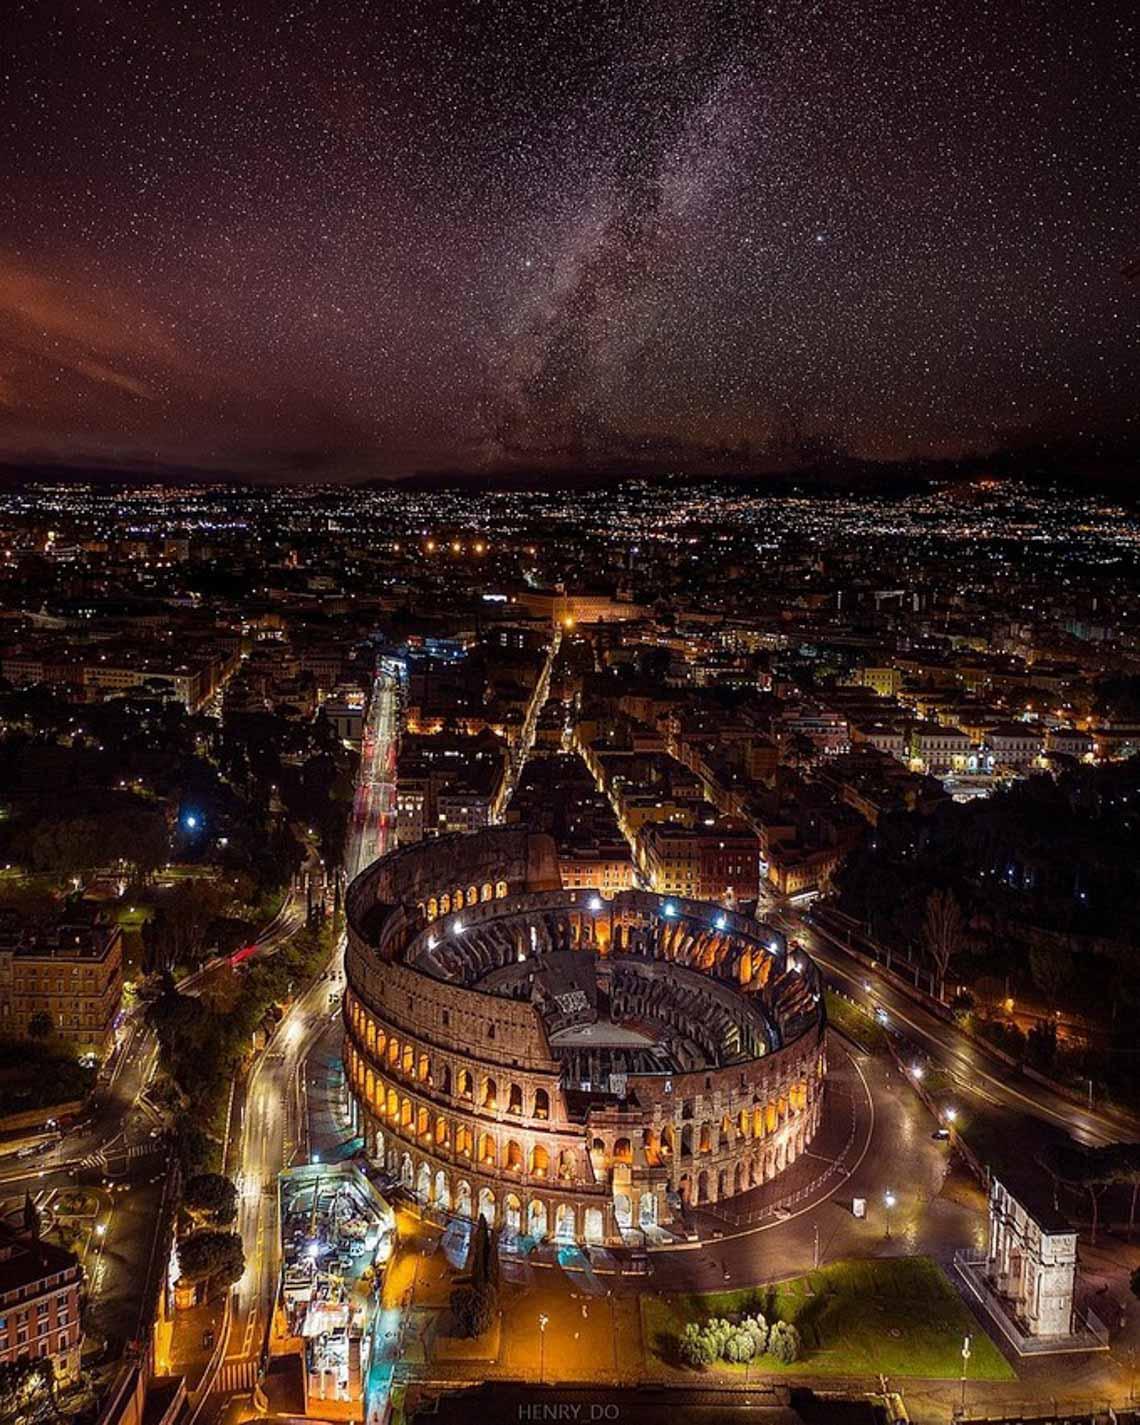 10 bức ảnh đô thị hấp dẫn nhất -10